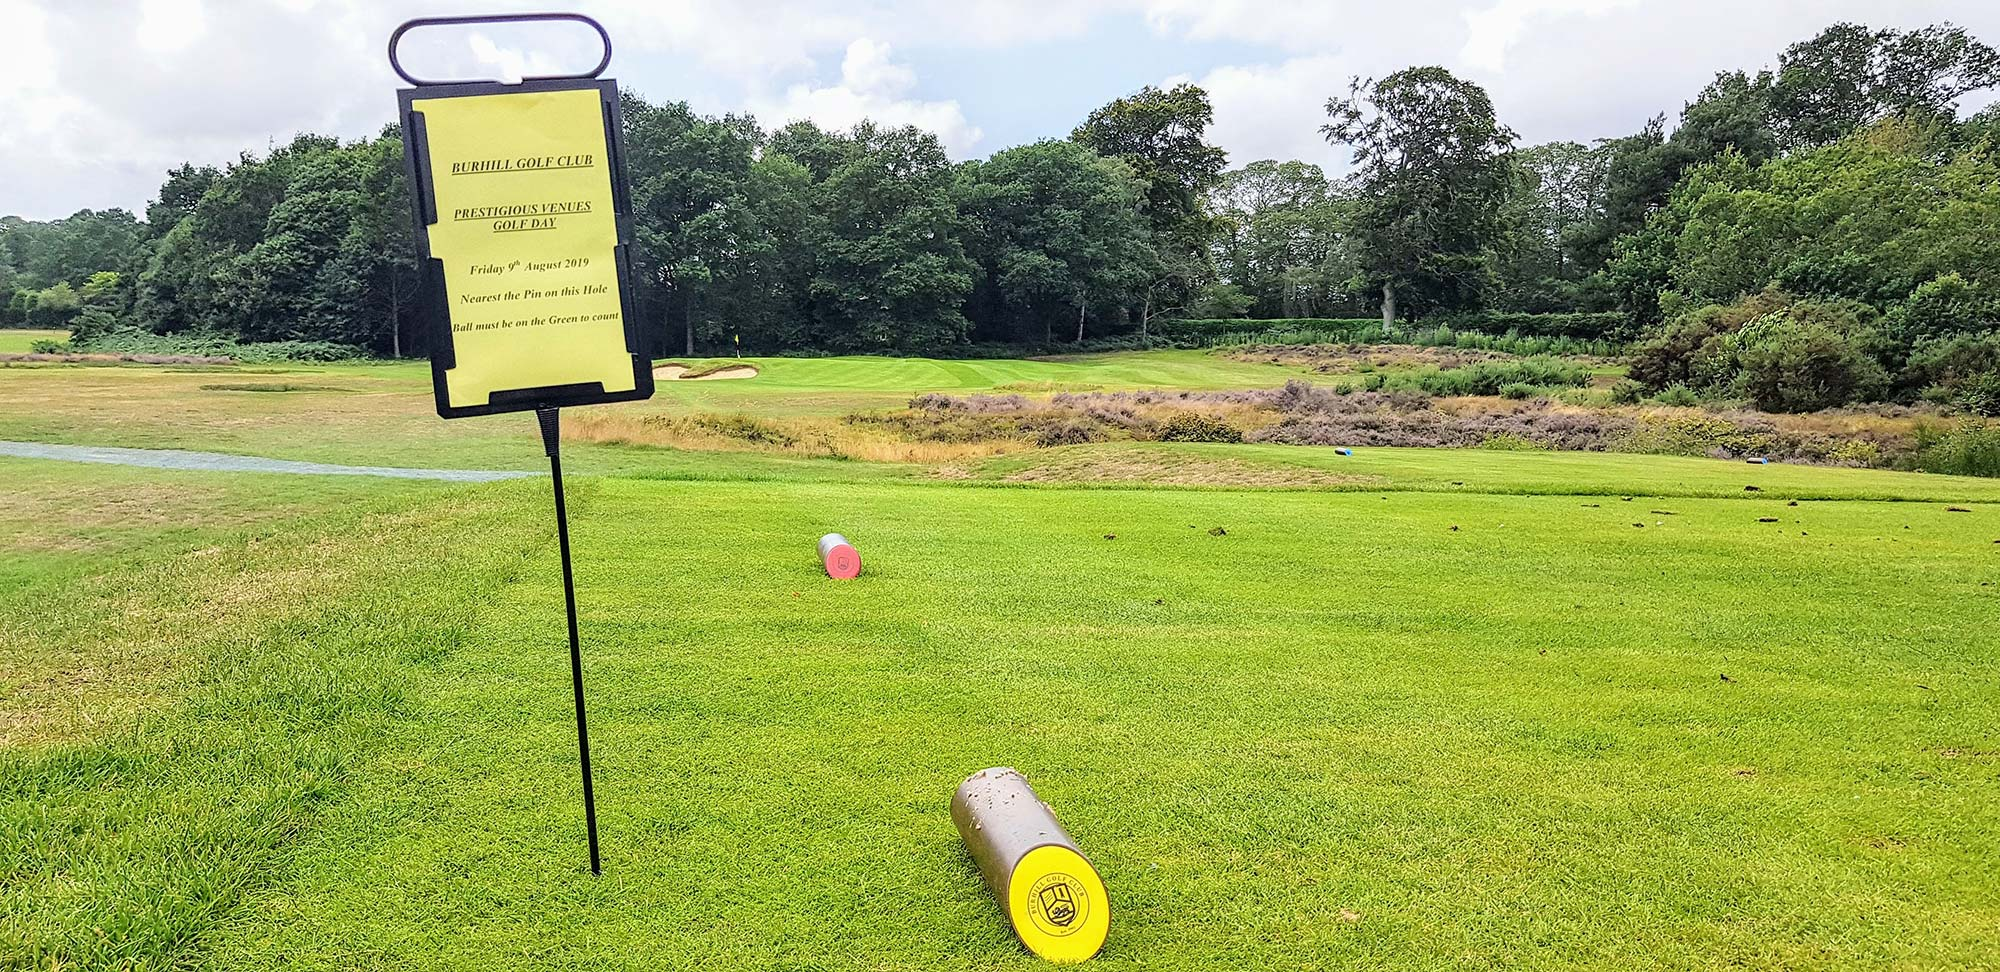 Prestigious Venues Golf Day 2019, 39